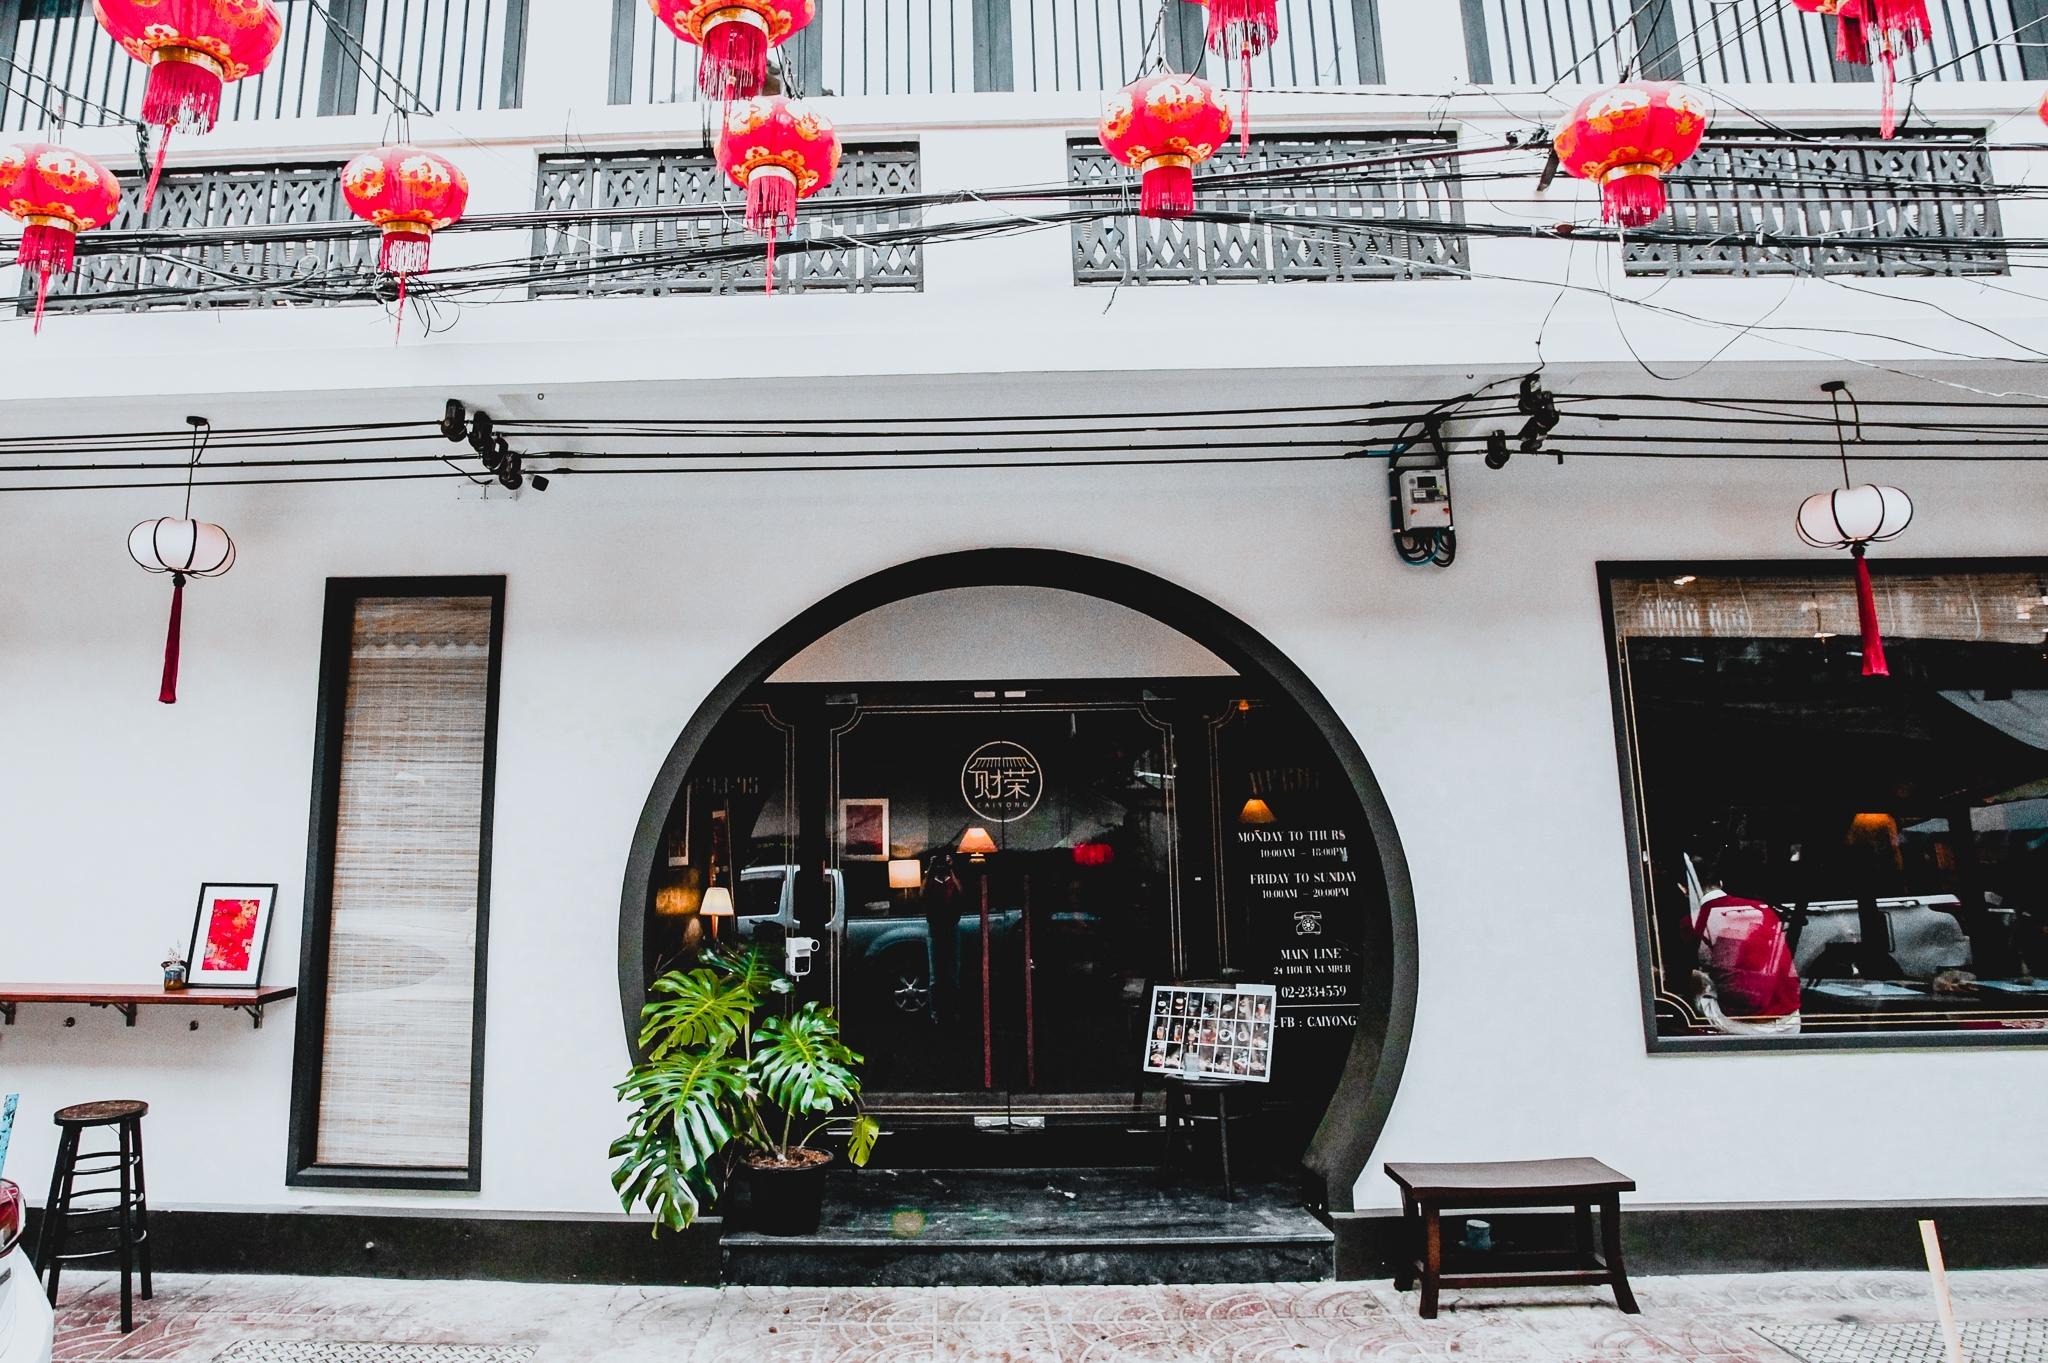 จากร้านอะไหล่ยนต์ย่านตลาดน้อย 3 ชั่วอายุคน เป็นโฮสเทลคาเฟ่สไตล์จีนย้อนยุค | Prop2Morrow บ้าน คอนโด ข่าวอสังหาฯ